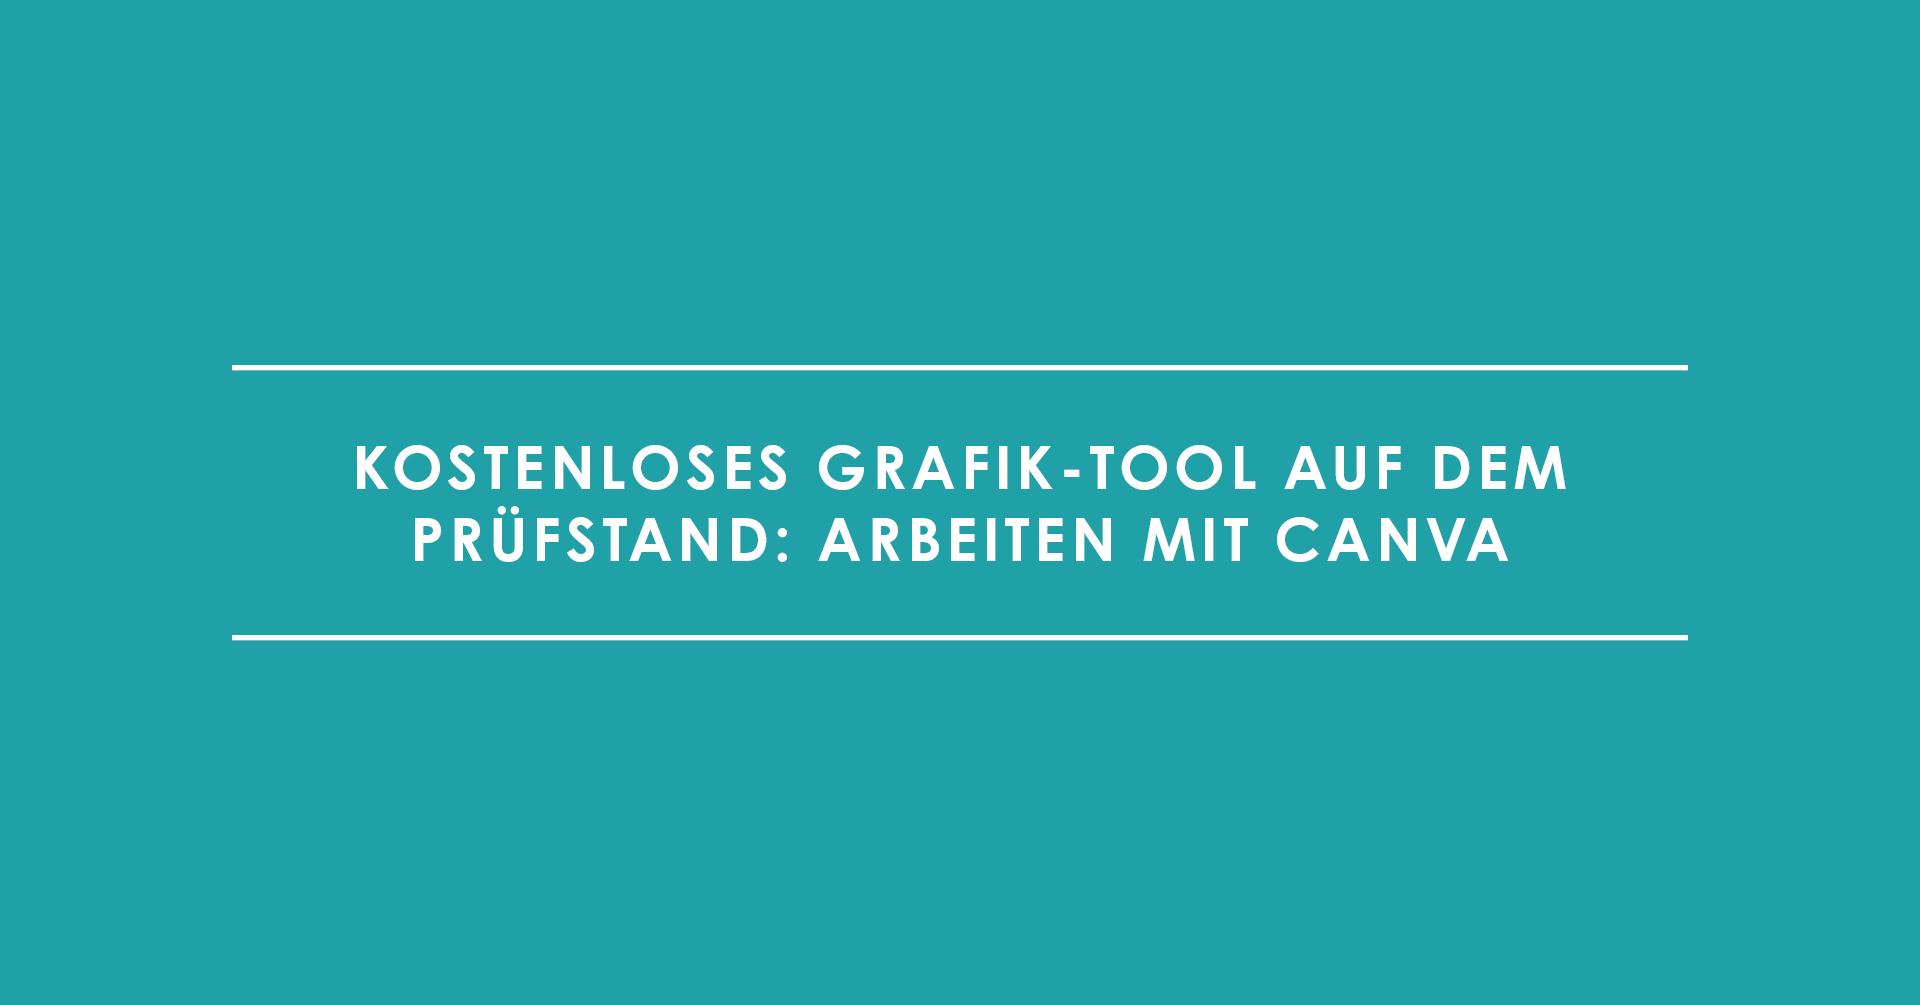 Kostenloses Grafik-Tool auf dem Prüfstand: Arbeiten mit Canva